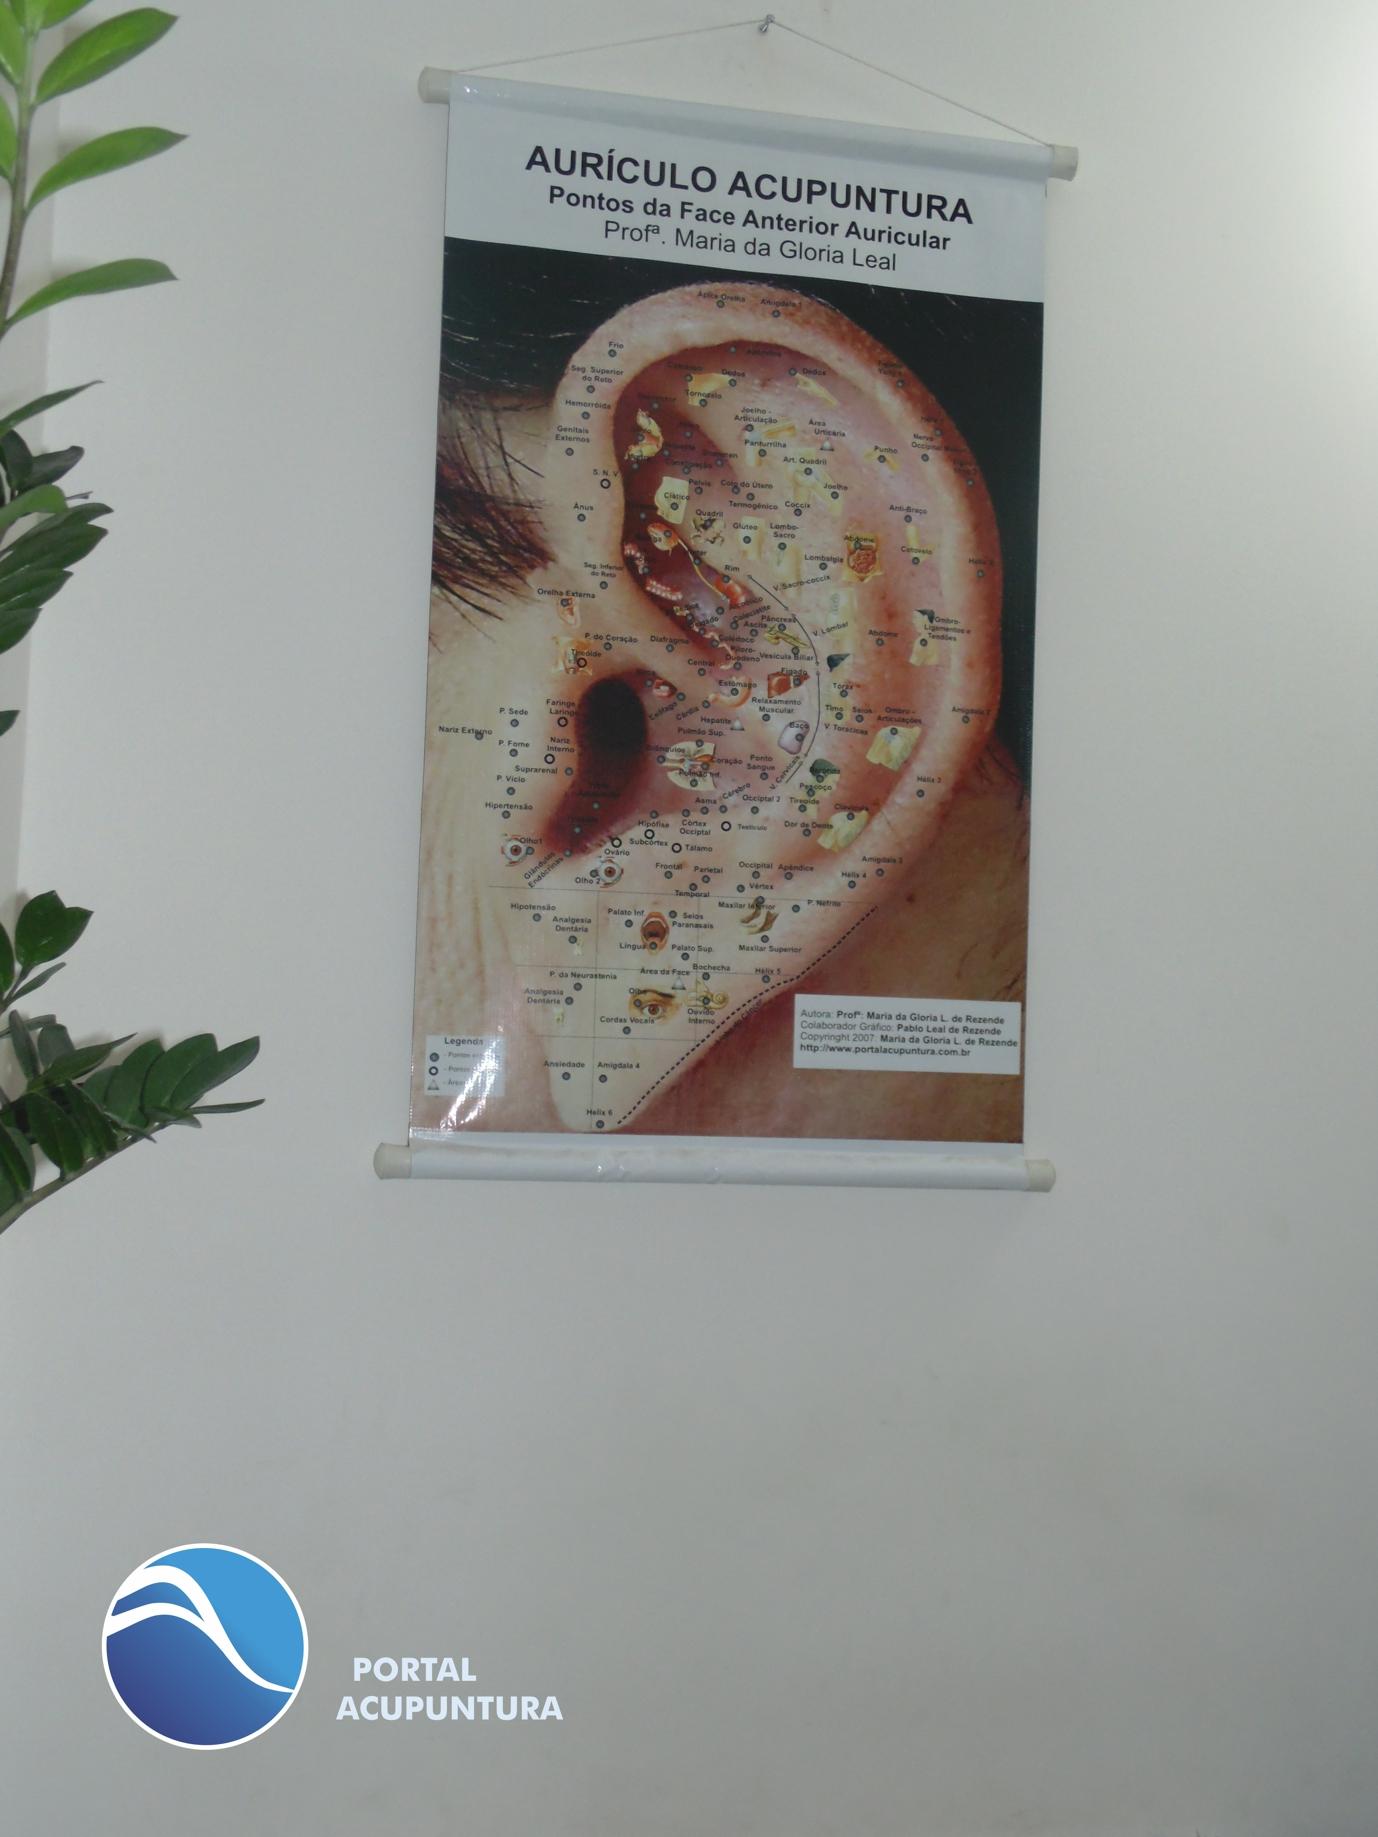 GANHE UM MAPA DE PONTOS DE AURICULOACUPUNTURA